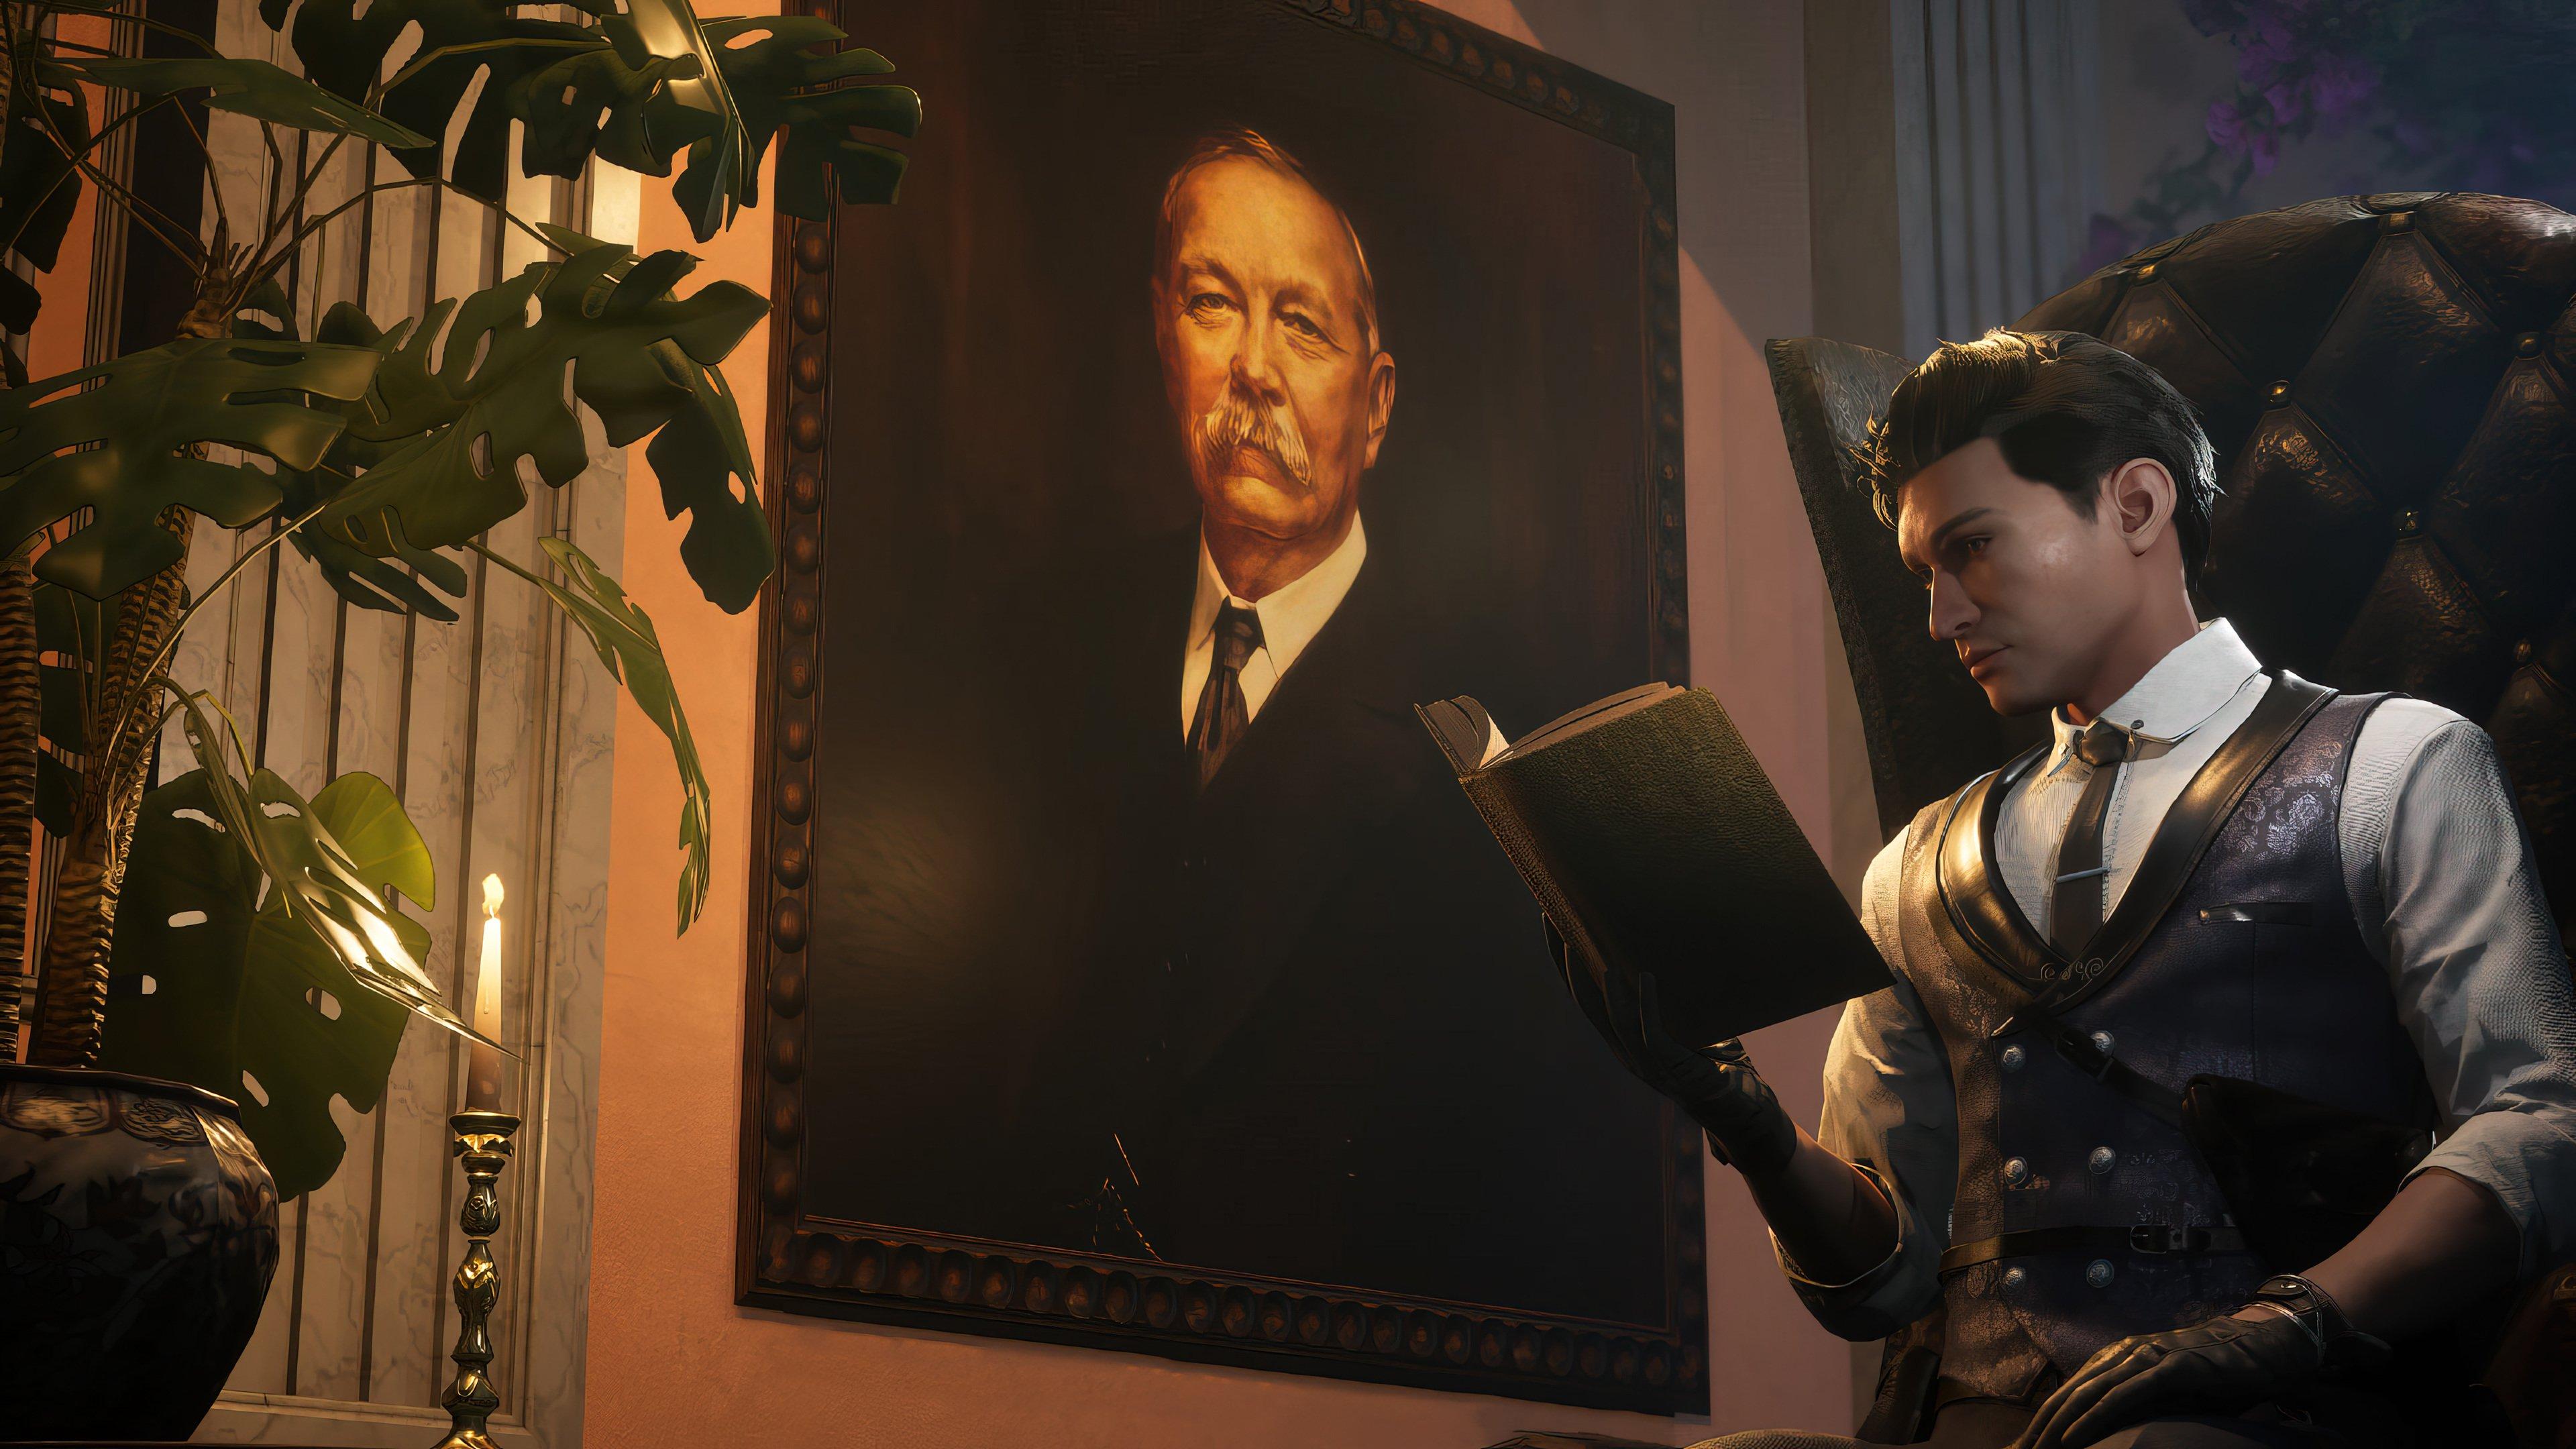 Fondos de pantalla Sherlock Holmes Chapter One Captura de pantalla